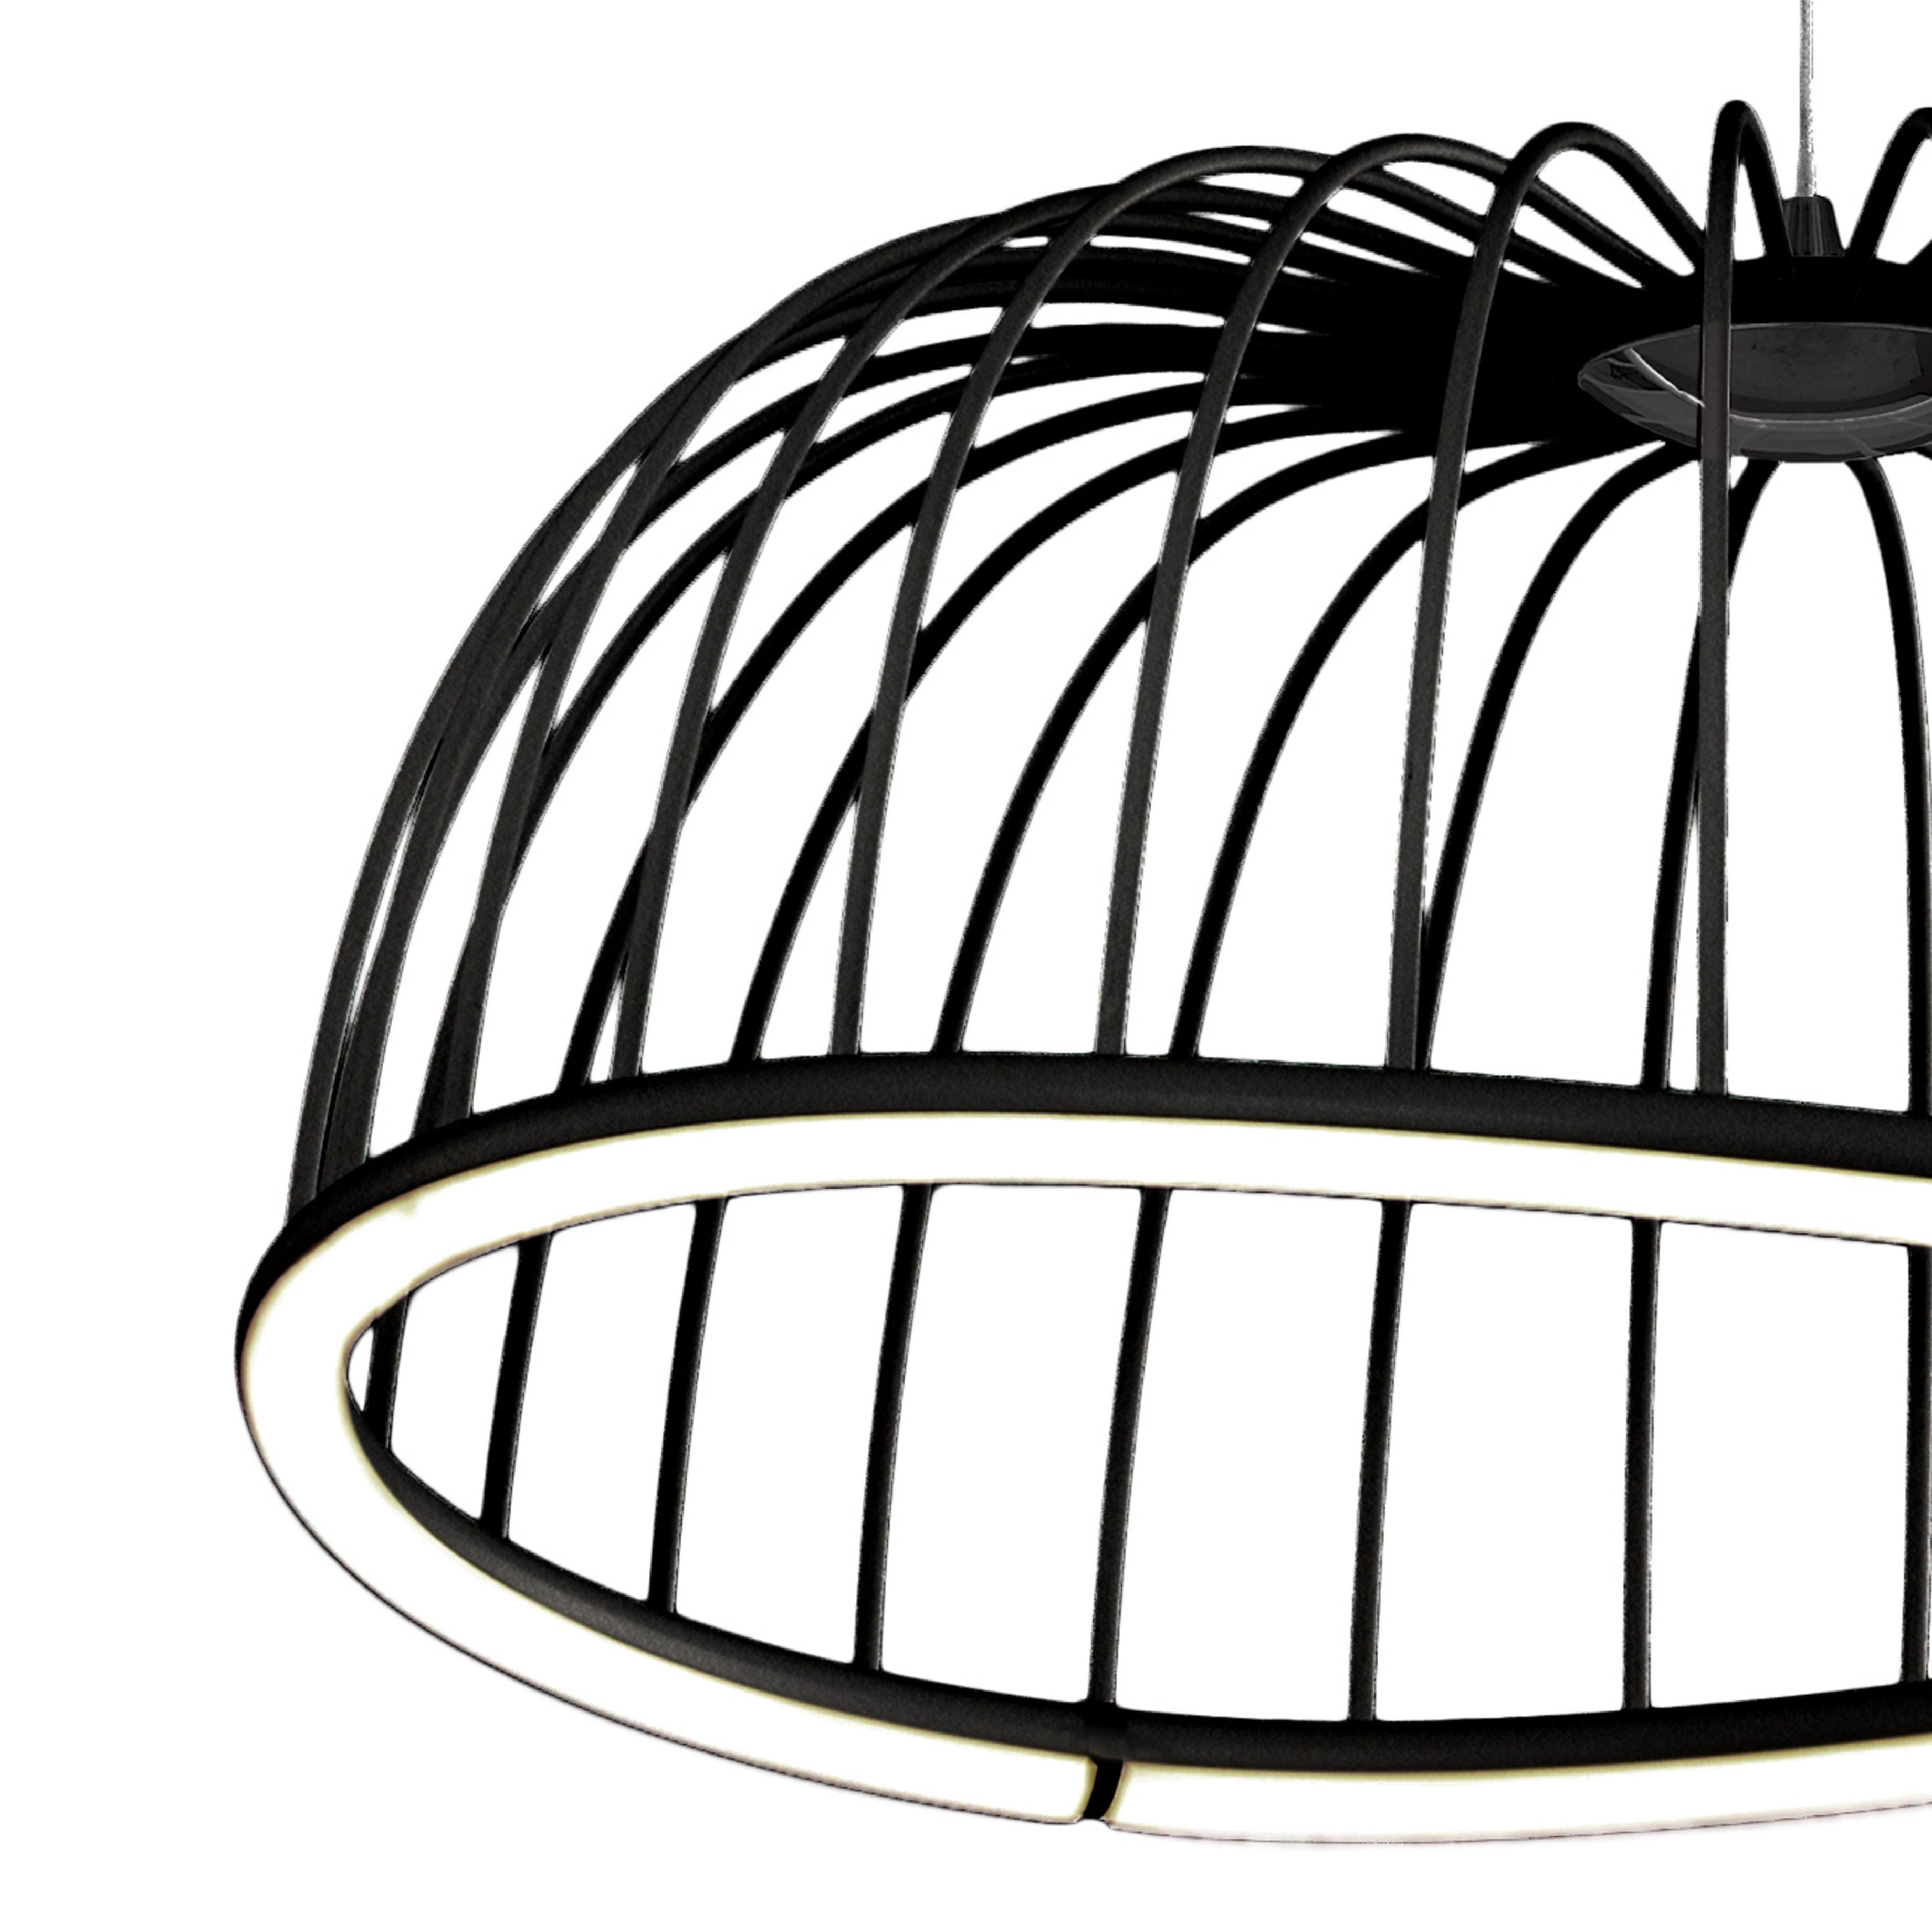 Подвесной светодиодный светильник Mantra Celeste 6684, LED 30W 3000K 2100lm, черный, металл - фото 3